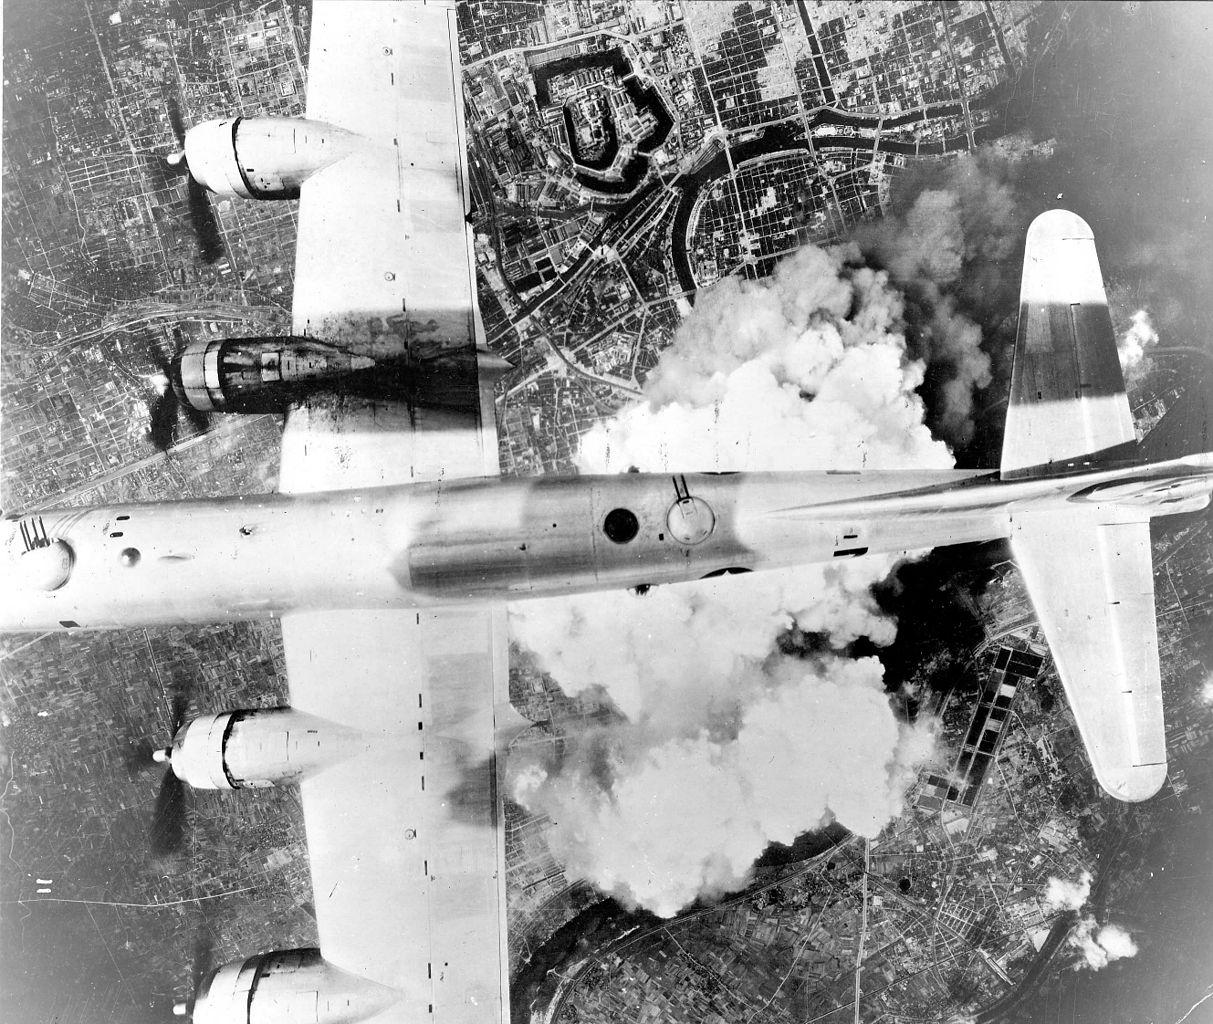 Espectacular vista desde otra Superfortaleza de un B-29A del 6º Grupo de Bombardeo en una misión sobre la ciudad de Osaka, el 1 de junio de 1945. Obsérvese las estelas de un anterior fuego del motor número 3 y las dos torretas dorsales en movimiento (fuente: United States Air Force Historical Research Agency)